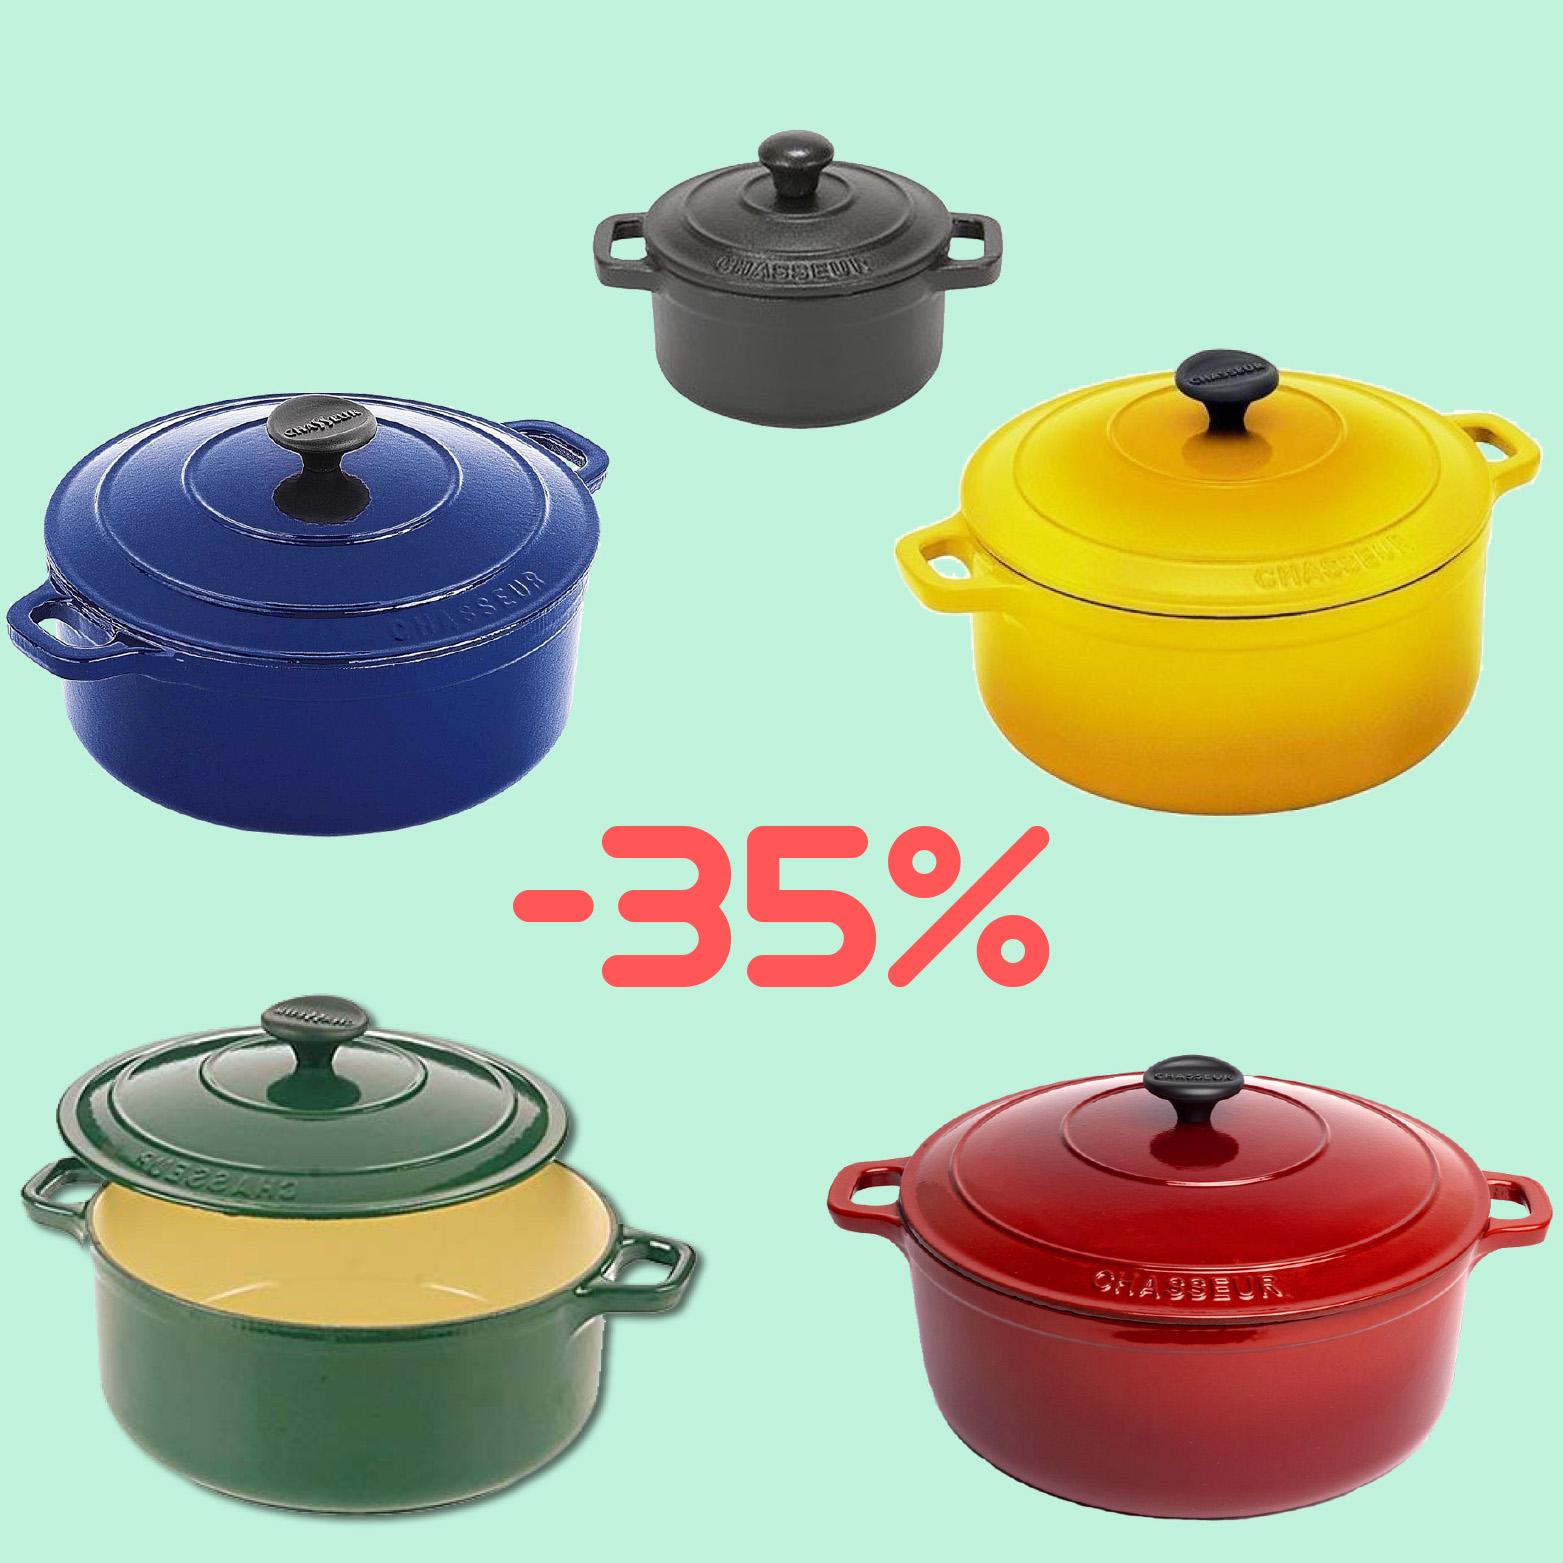 Μαντεμένια κατσαρόλα Chasseur Προσφορά -35%